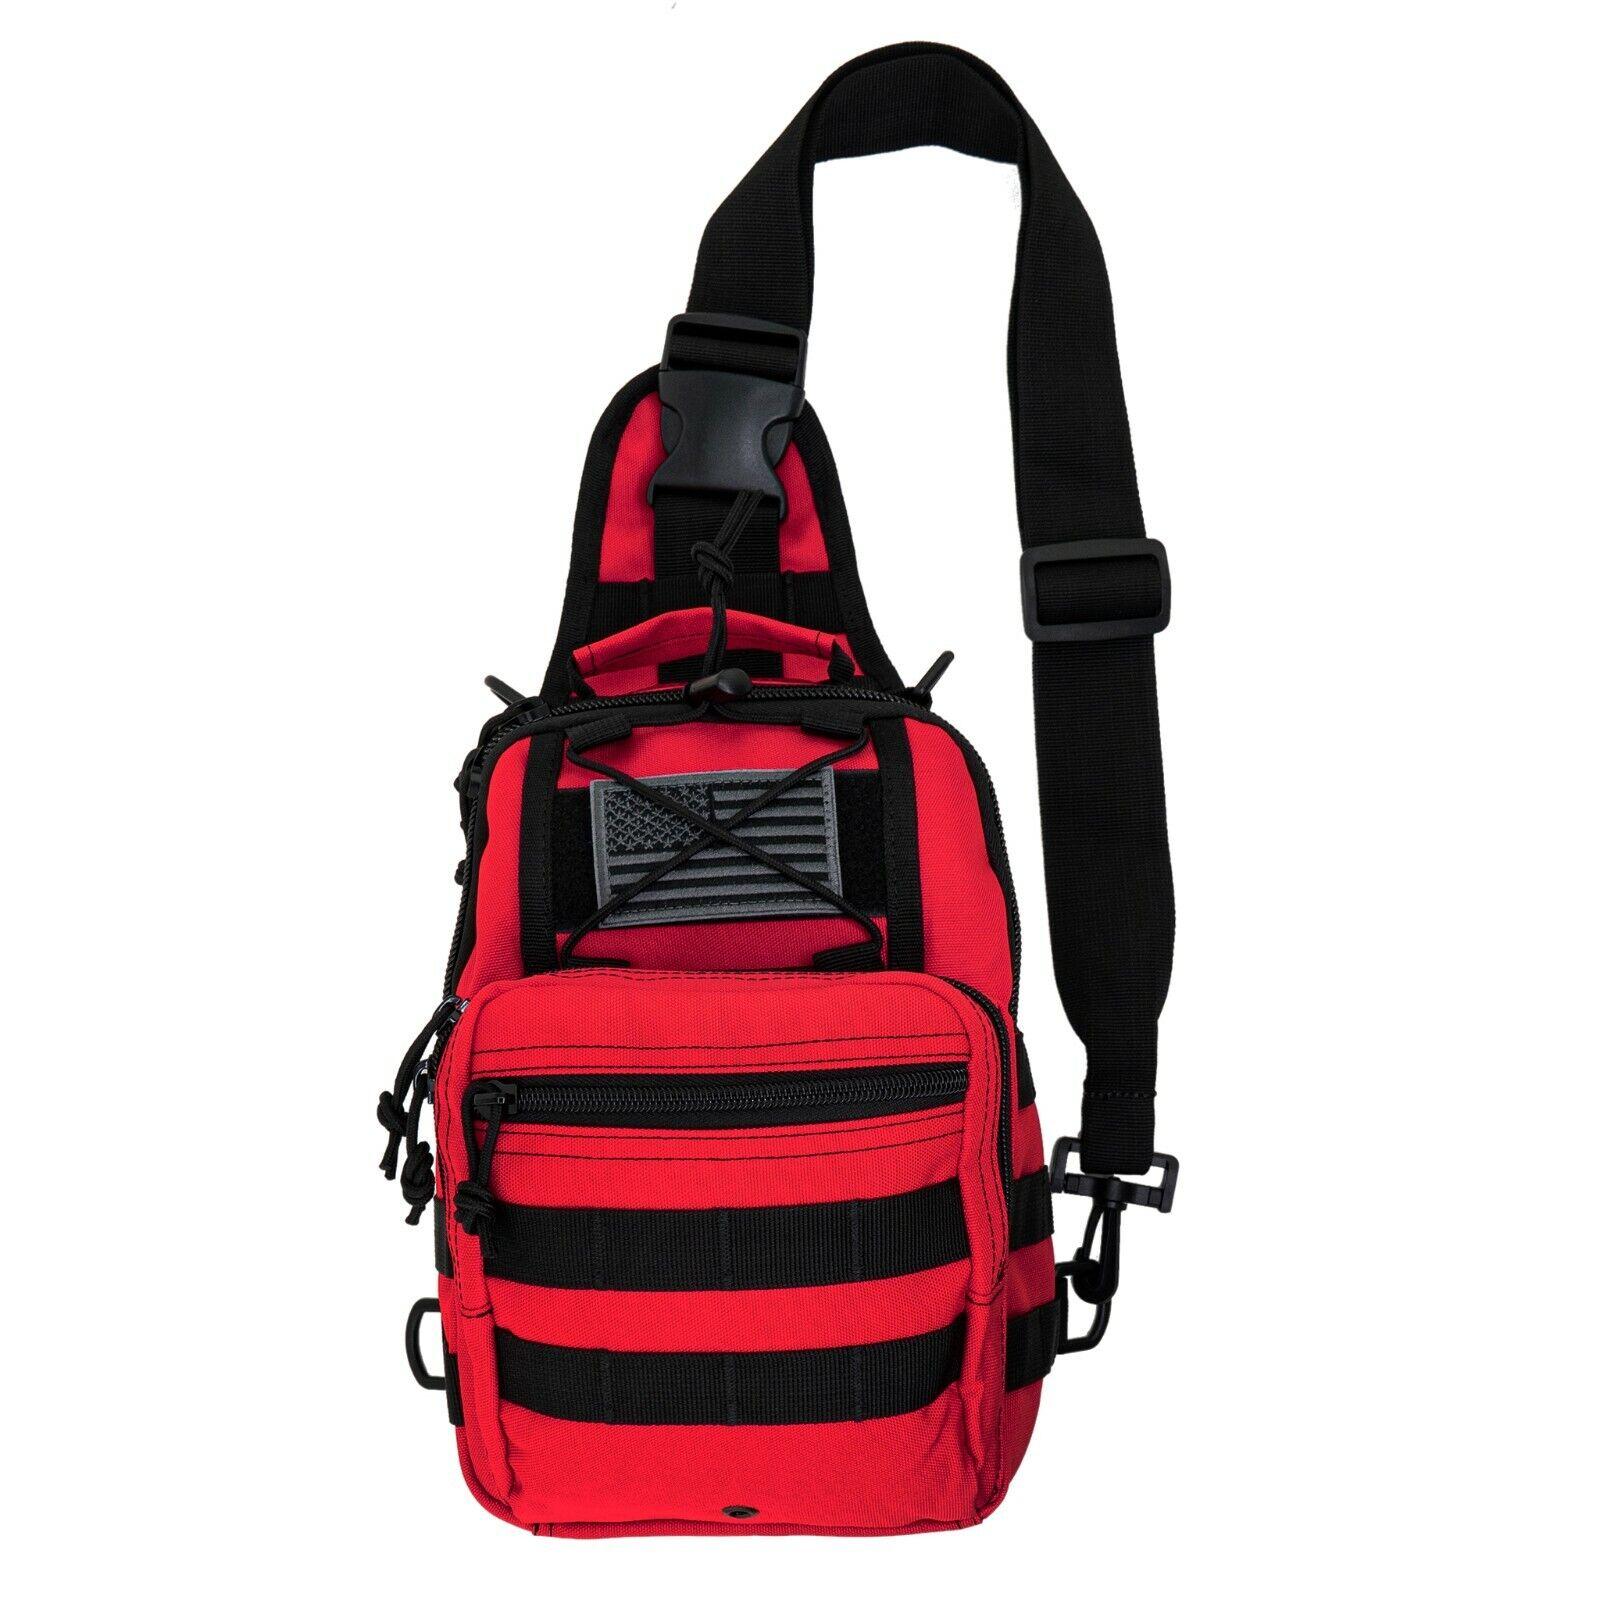 LINE2design First Aid Sling Backpack - EMS Emergency Medical